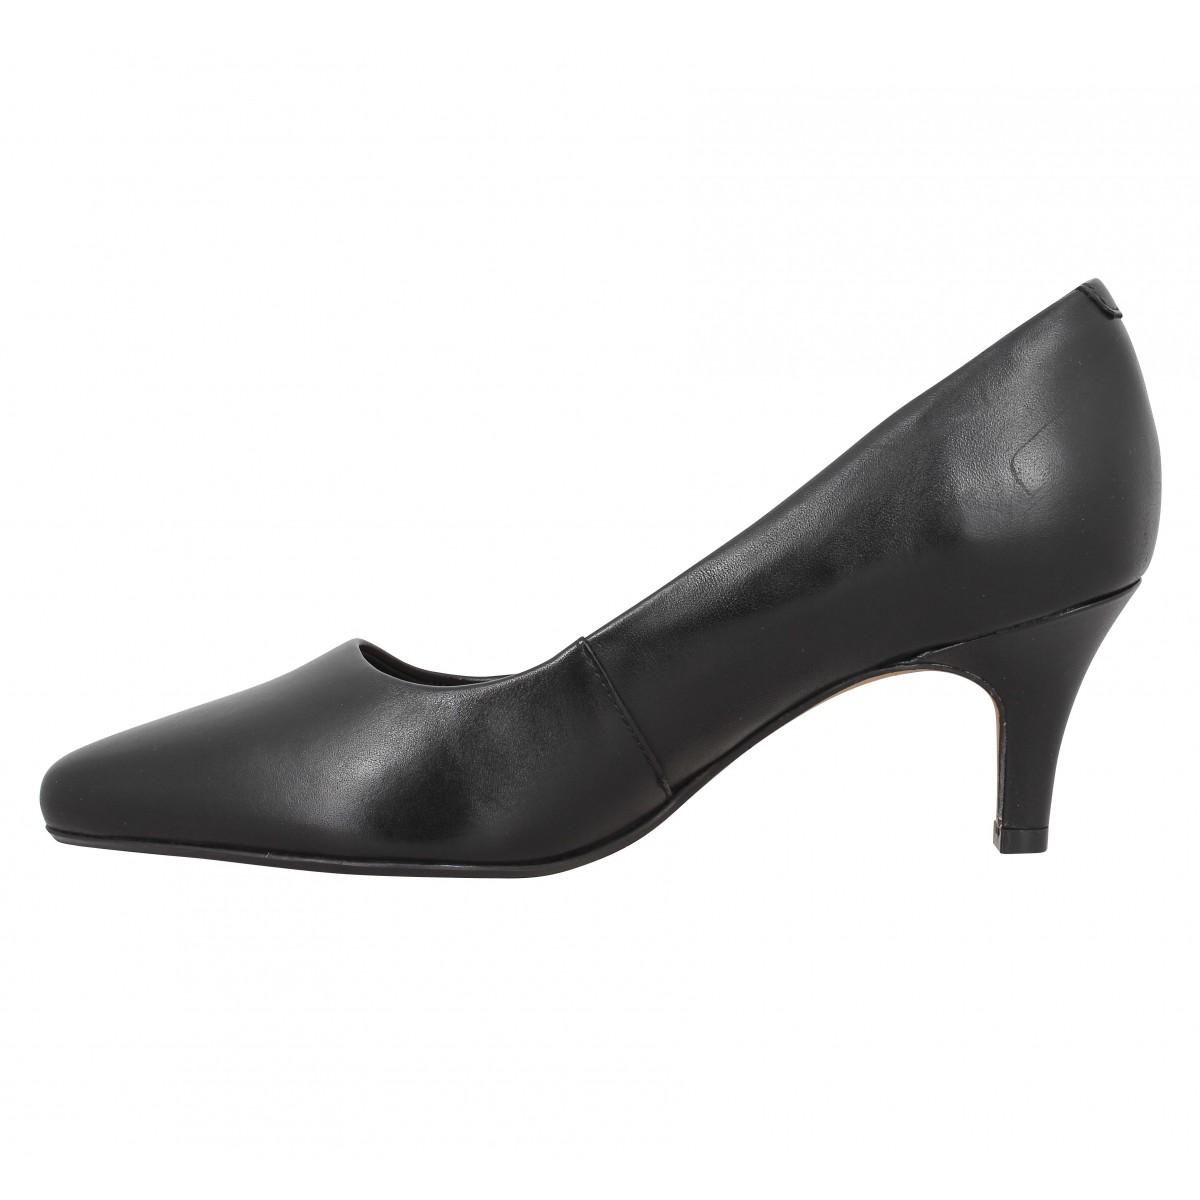 Escarpins CLARKS Isidora Faye cuir Femme Noir. 1